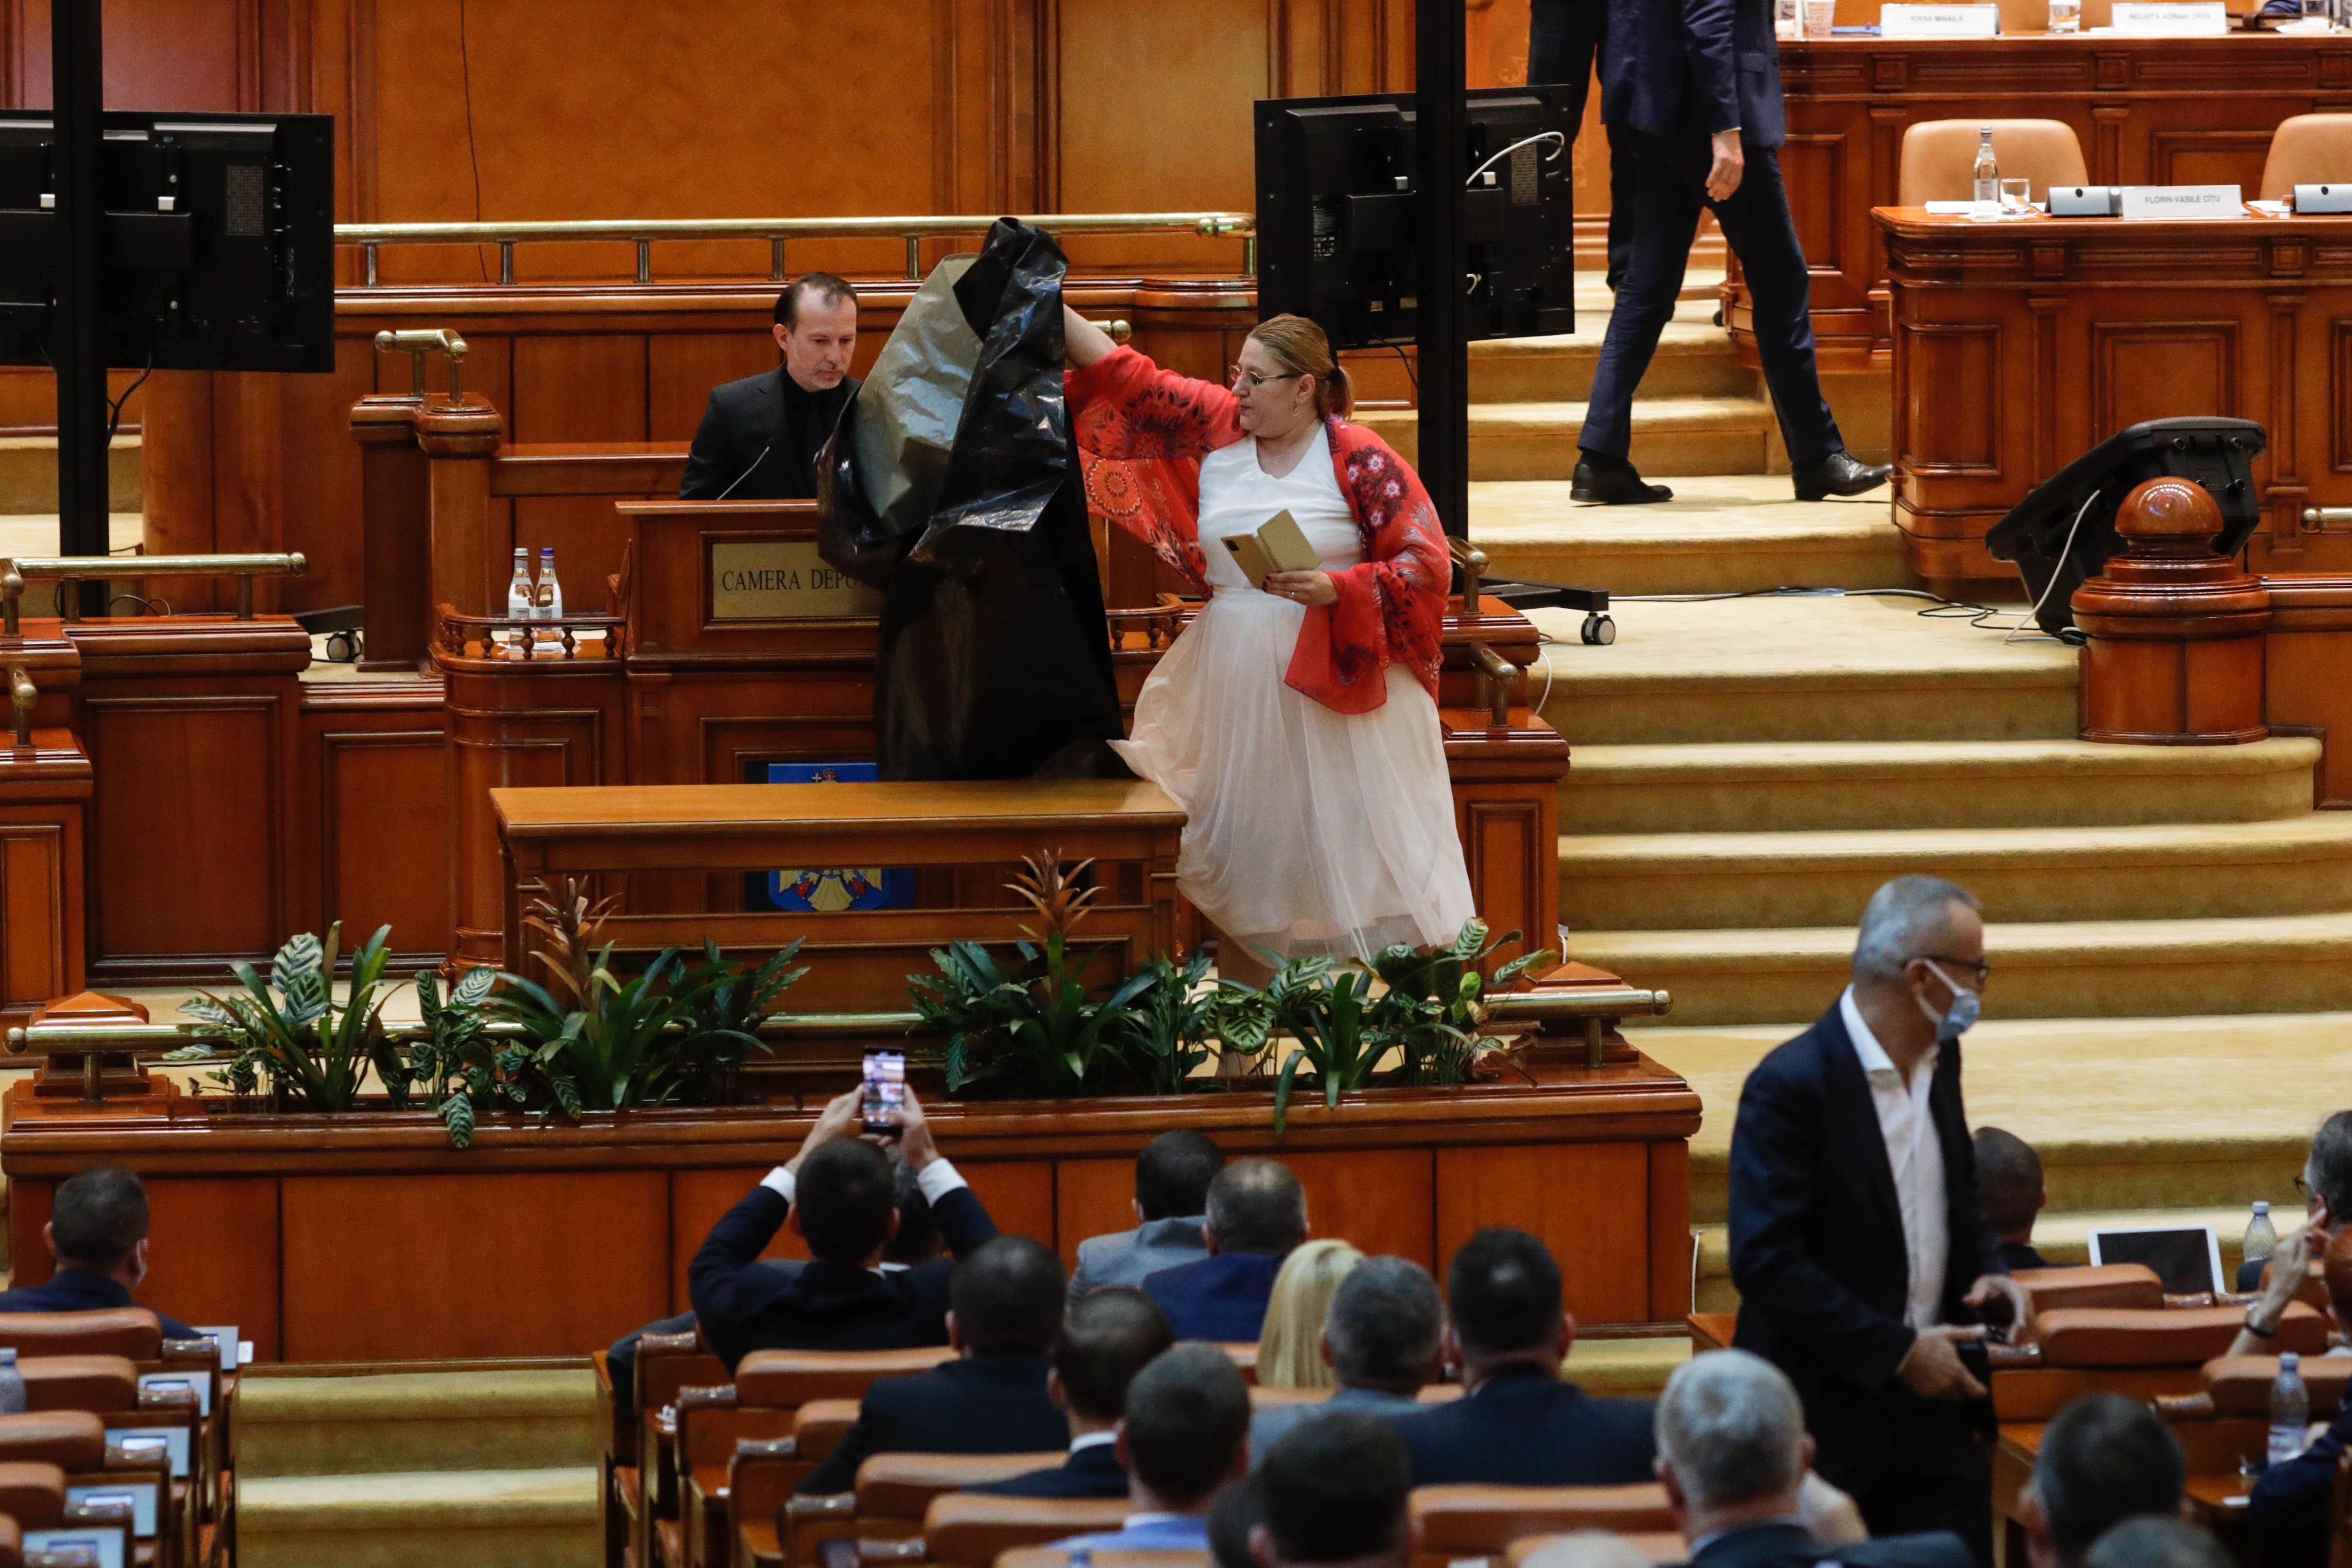 Moțiunea de cenzură a fost respinsă. Șoșoacă a făcut scandal, a pus un sac negru în fața premierului